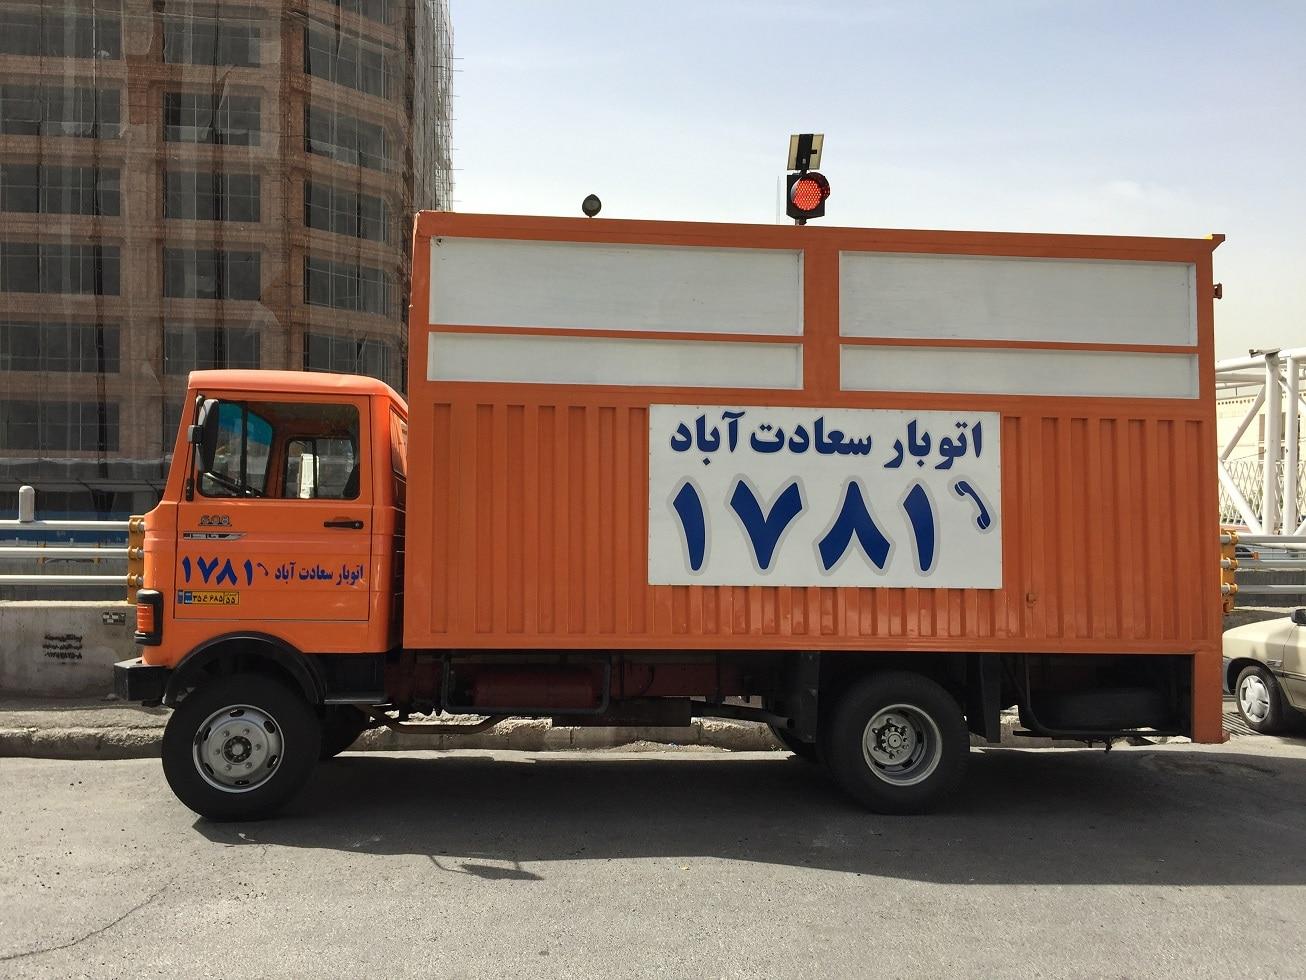 خاور و کارگر ویژه حمل بار و بسته بندی اثاث